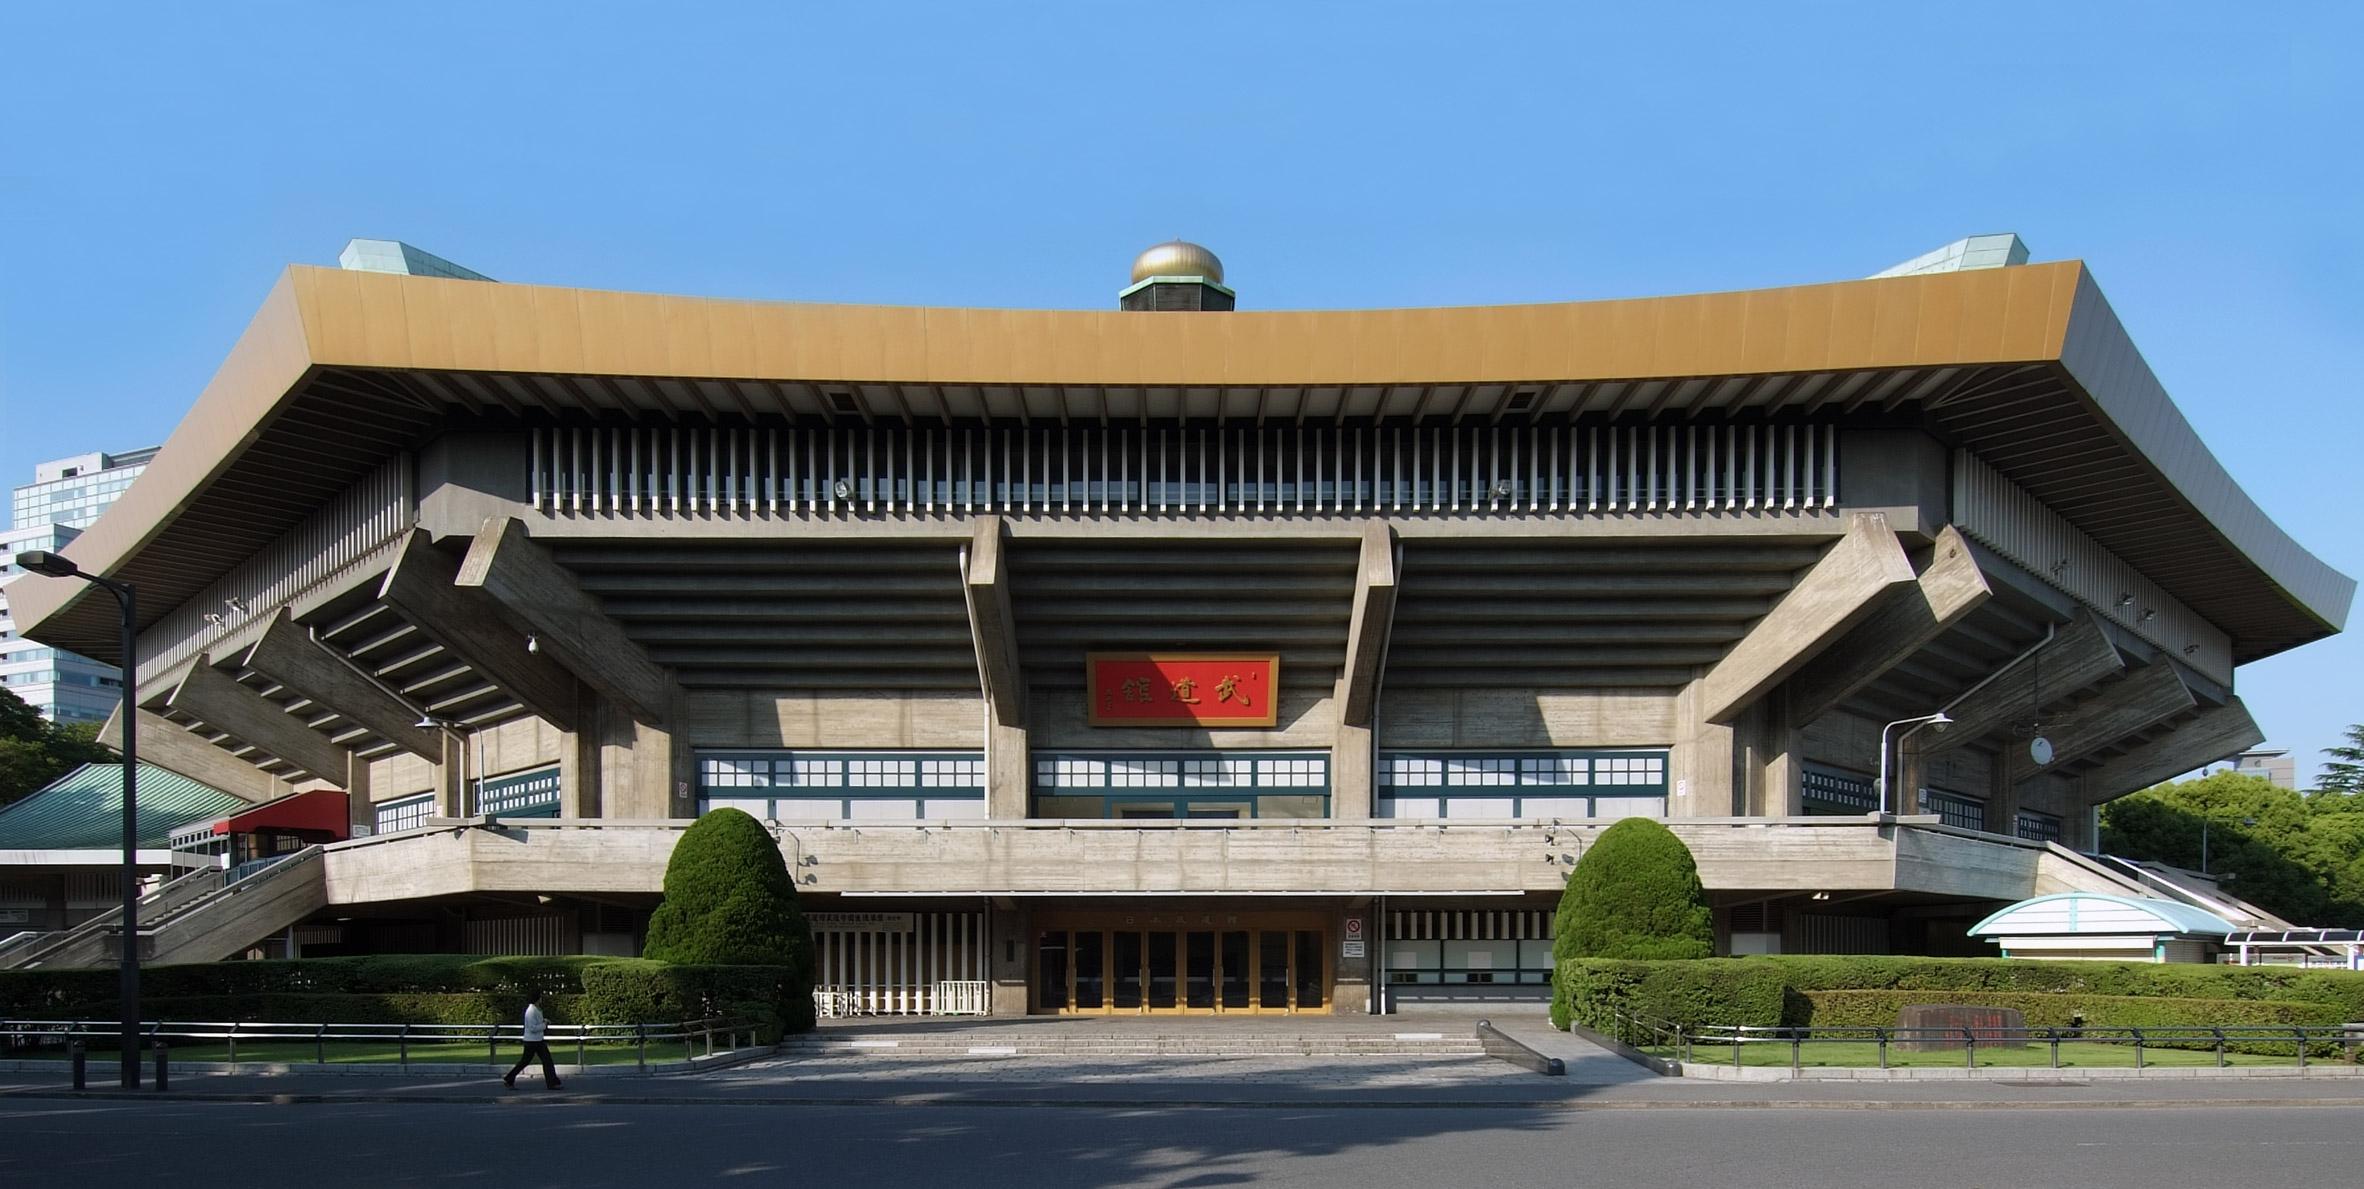 Nippon Budokan by Mamoru Yamada